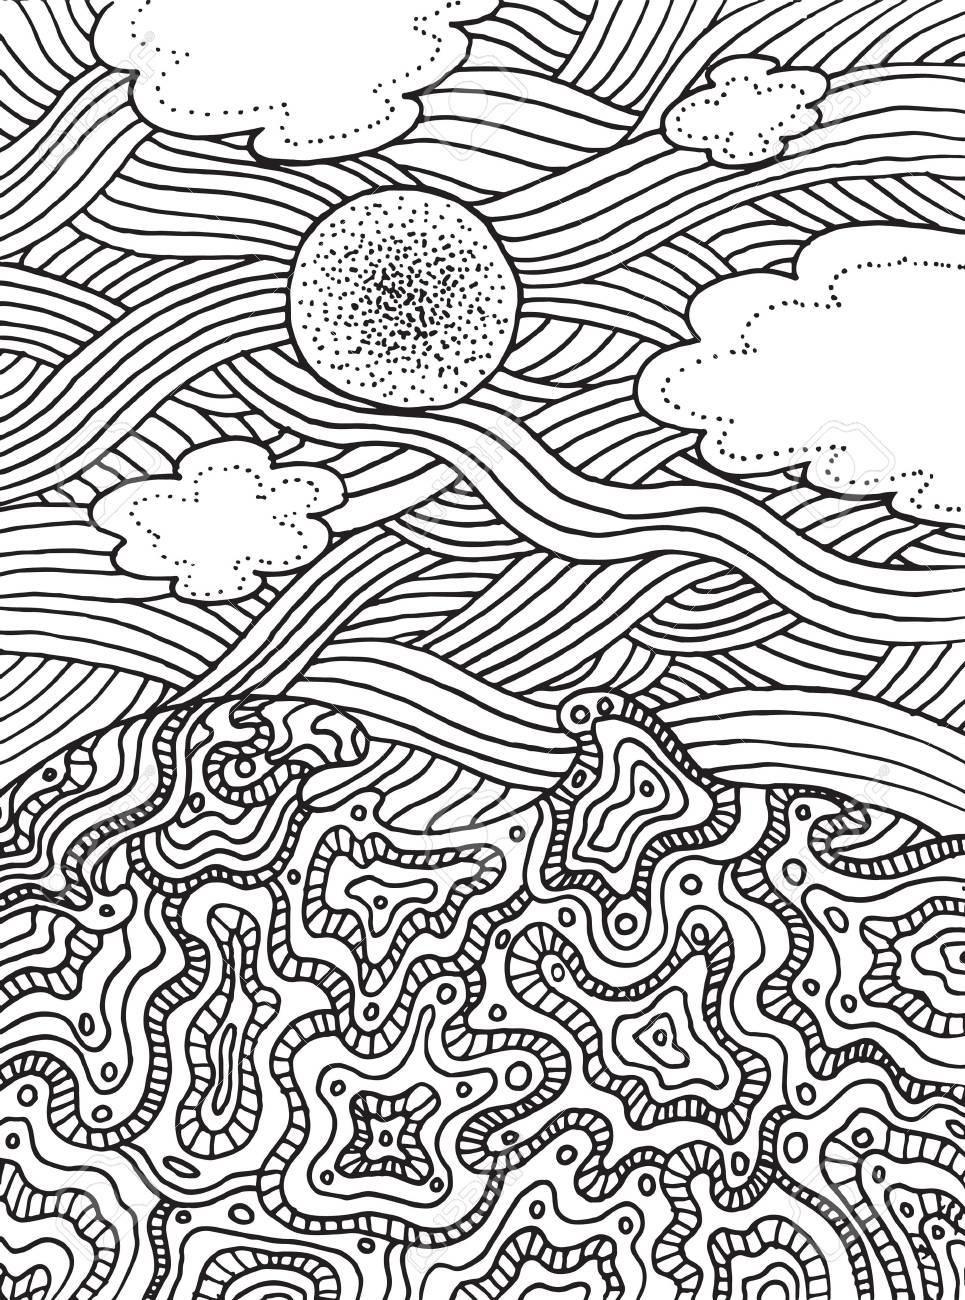 Verano Mar Y Cielo Con Nubes Y Sol. Vector Dibujado A Mano Arte De ...